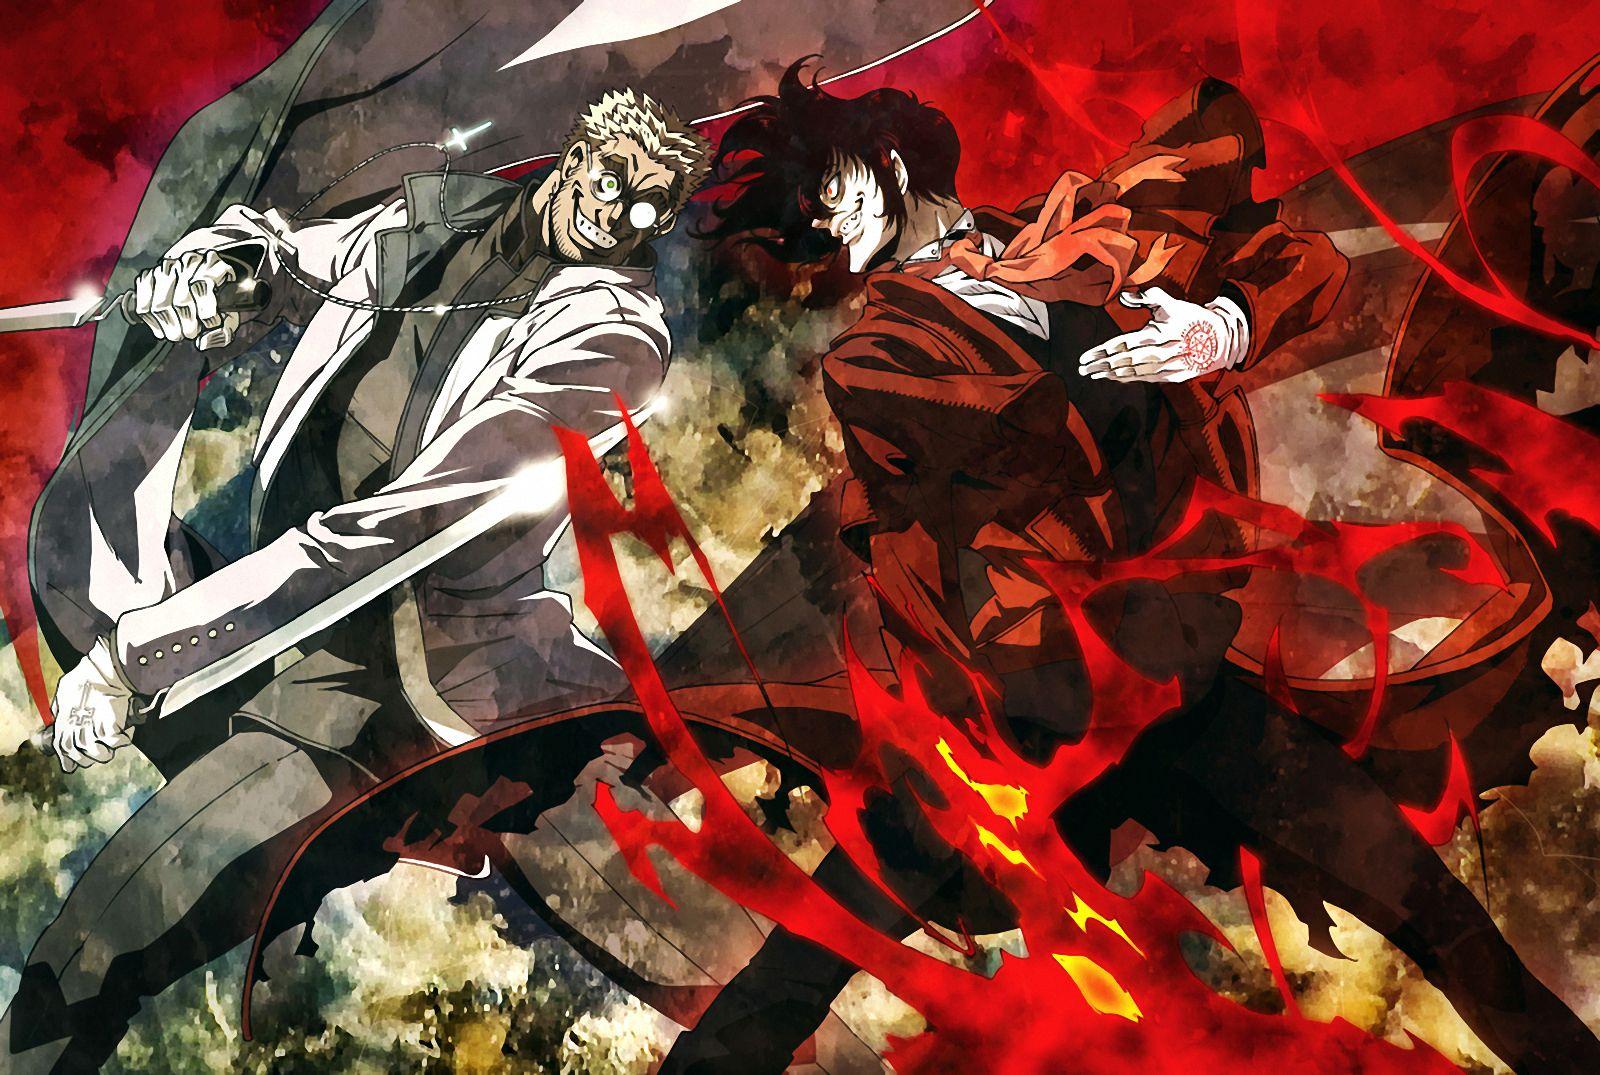 Hellsig Ultimate Alexander Anderson Vs Alucard イラスト 神父